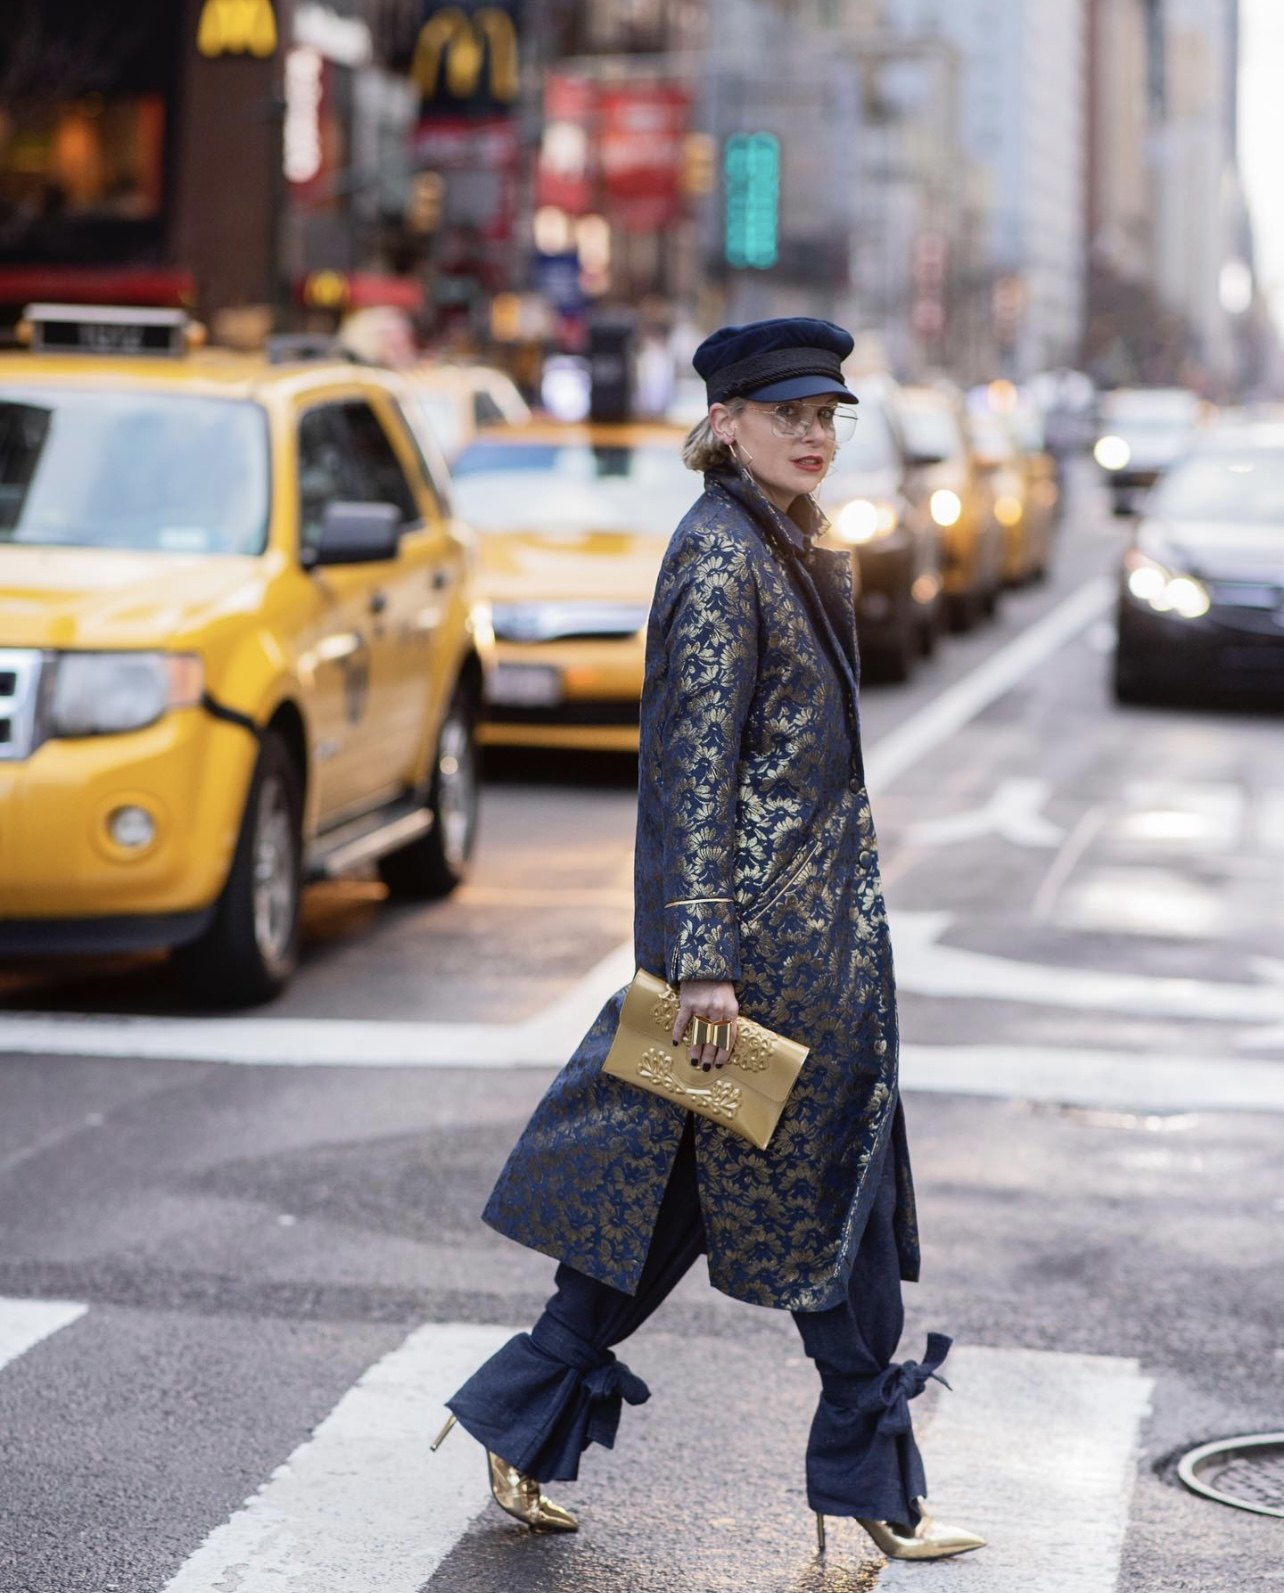 שבוע האופנה ניו יורק שירי ויצנר אורנה חיות בלוג חיפאית צילום אסף ליברפרוינד4